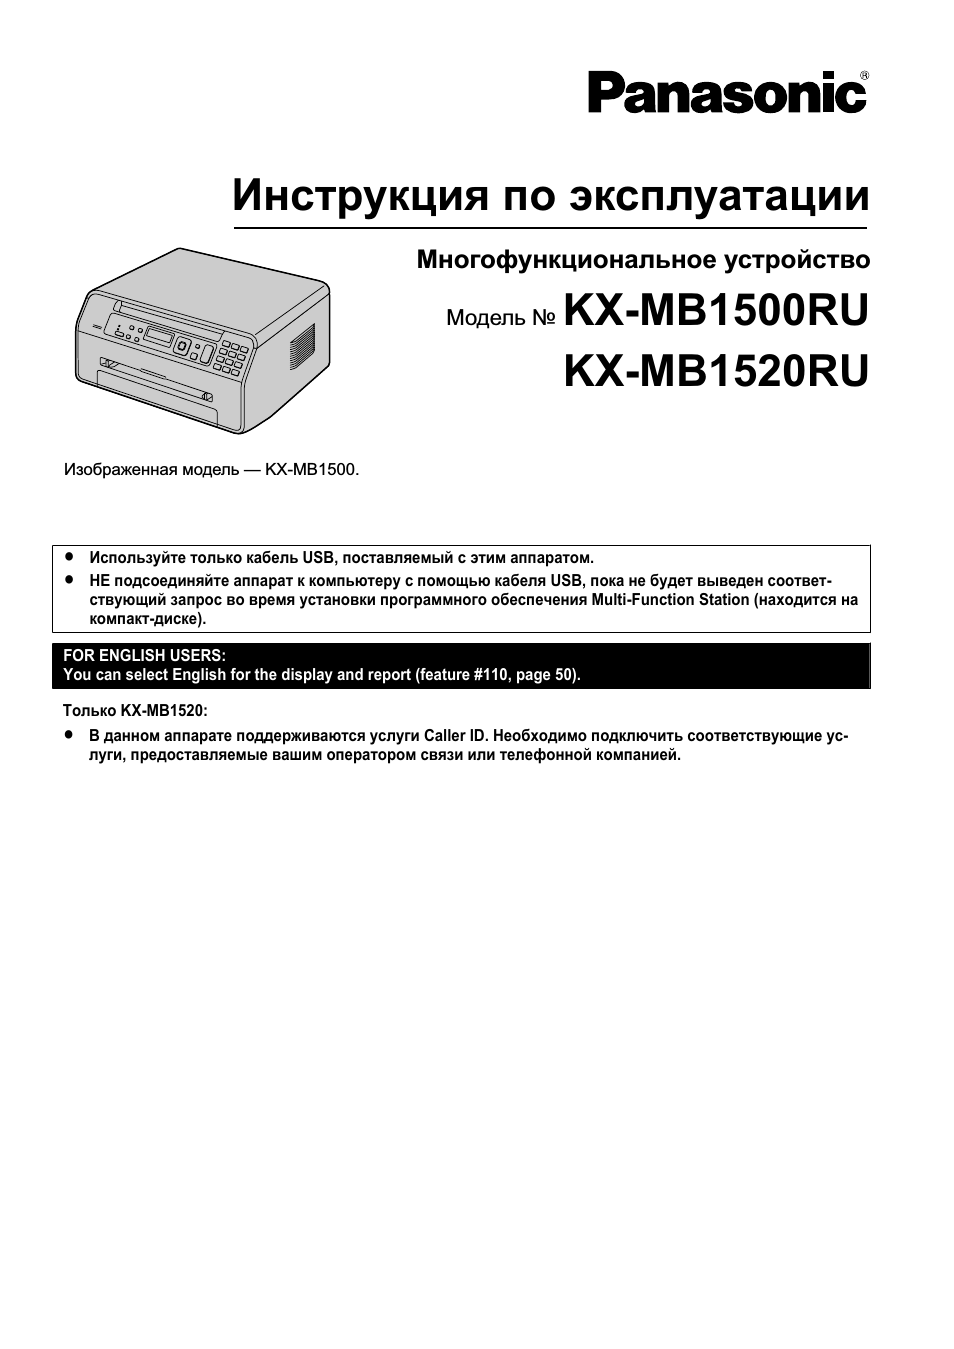 Инструкция по эксплуатации Многофункциональное устройство Из.